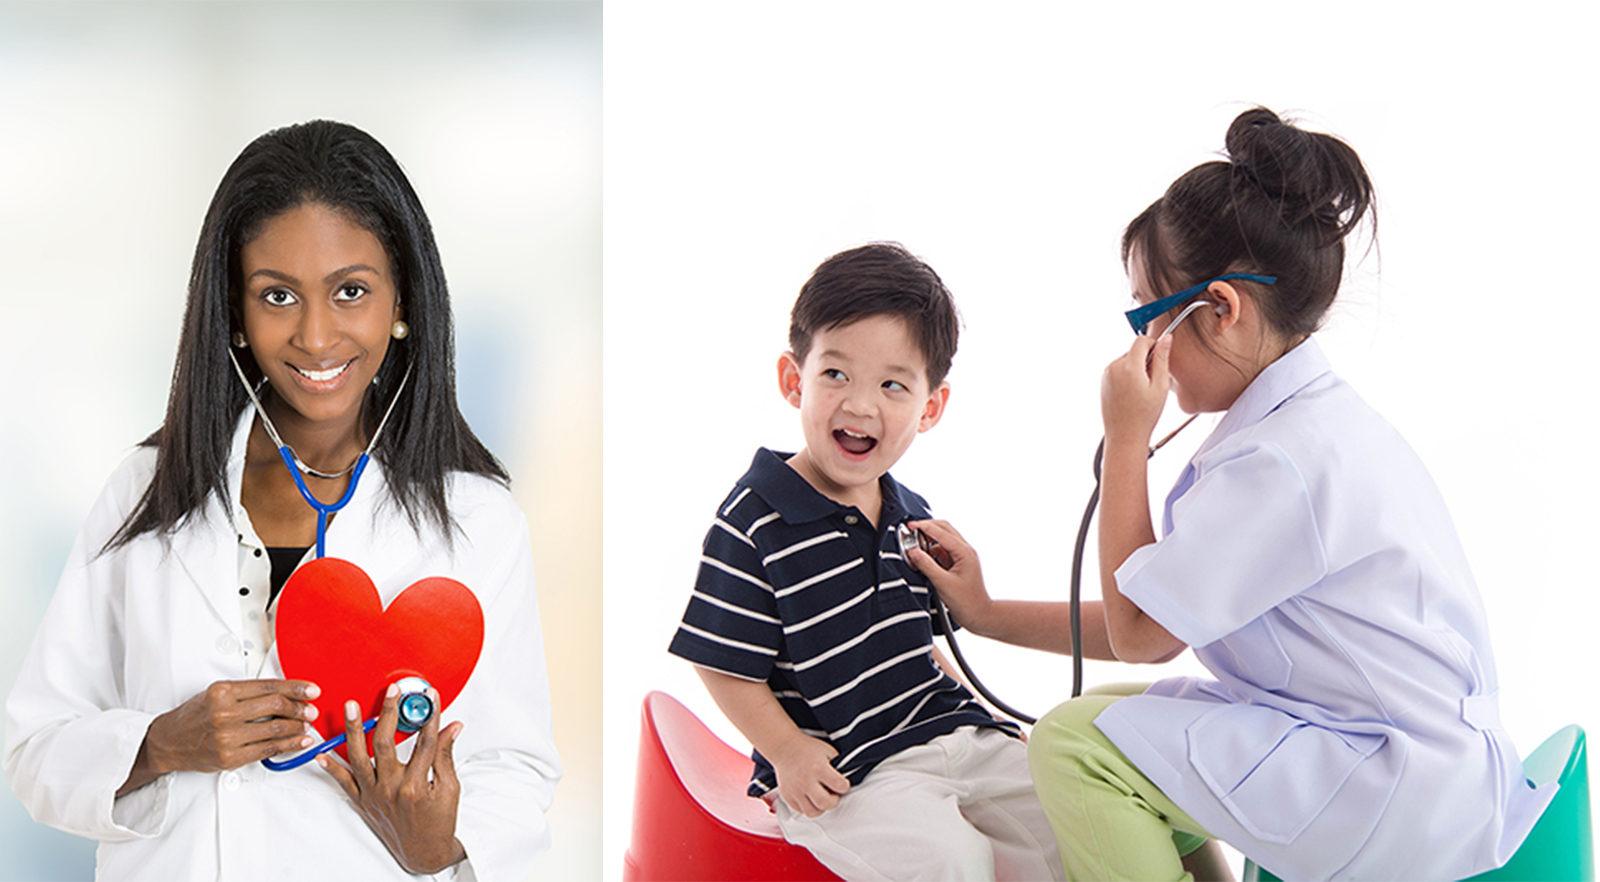 imagen de un doctor agradable sosteniendo un corazón rojo y niños jugando al doctor para pediatría en CCCHC